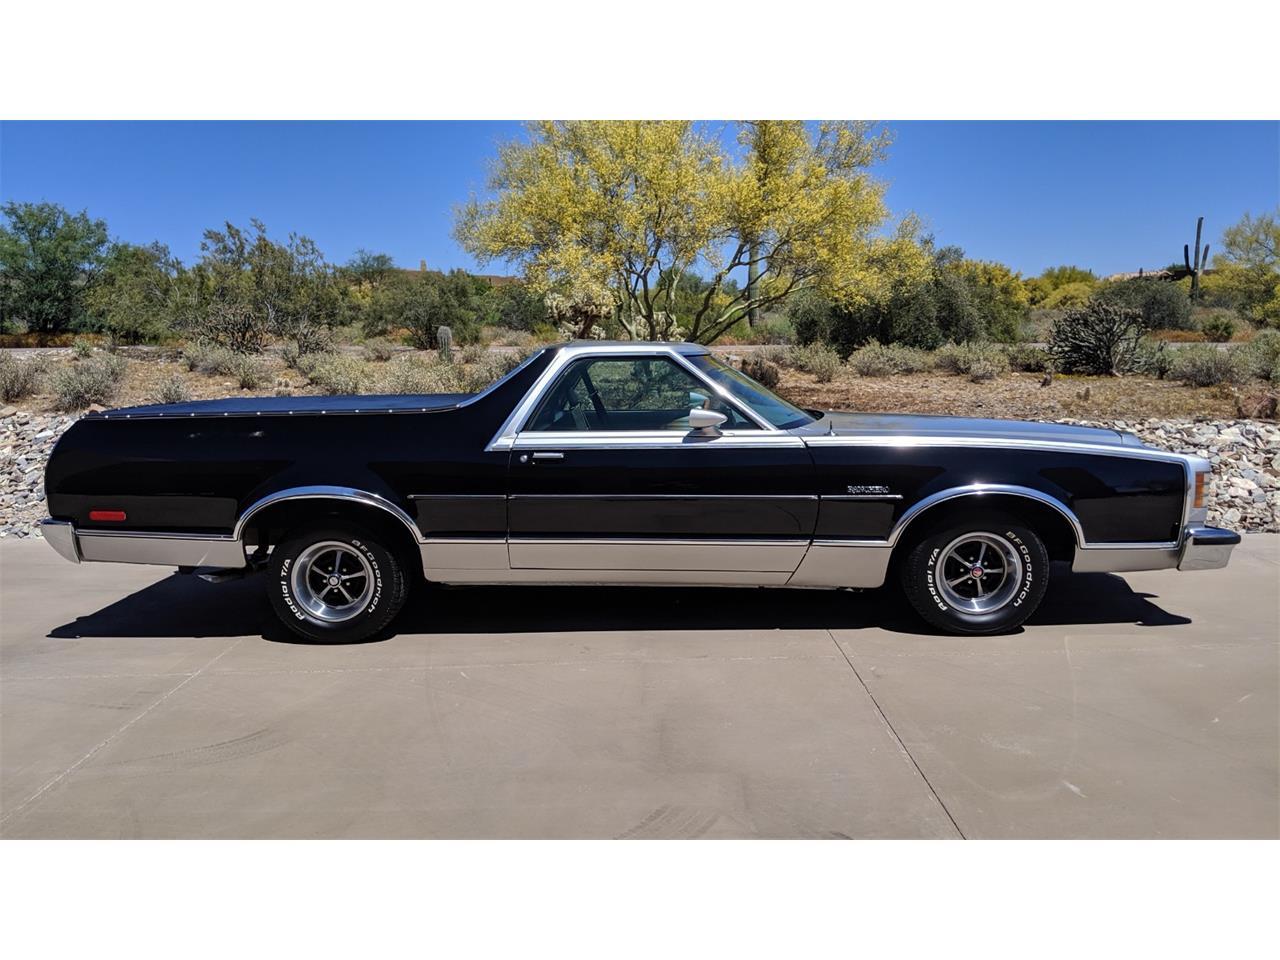 For Sale: 1979 Ford Ranchero in North Pheonix, Arizona